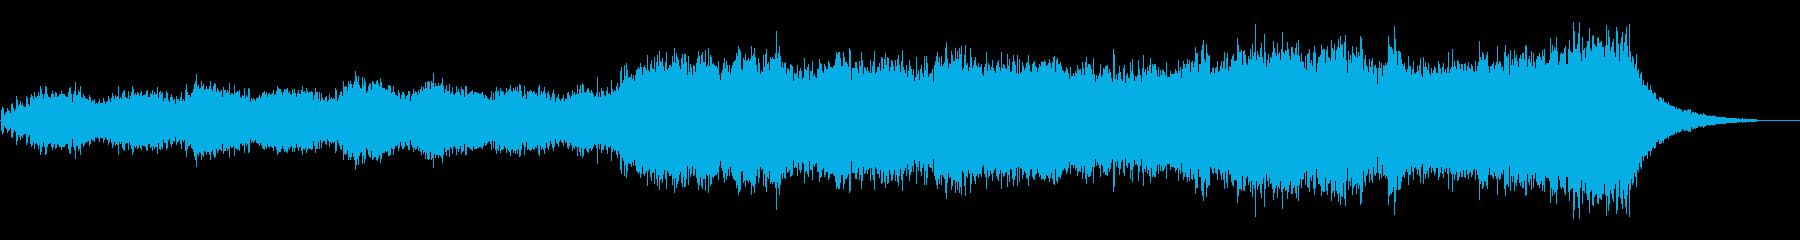 優しく静かなゆったりしたヒーリングBGMの再生済みの波形